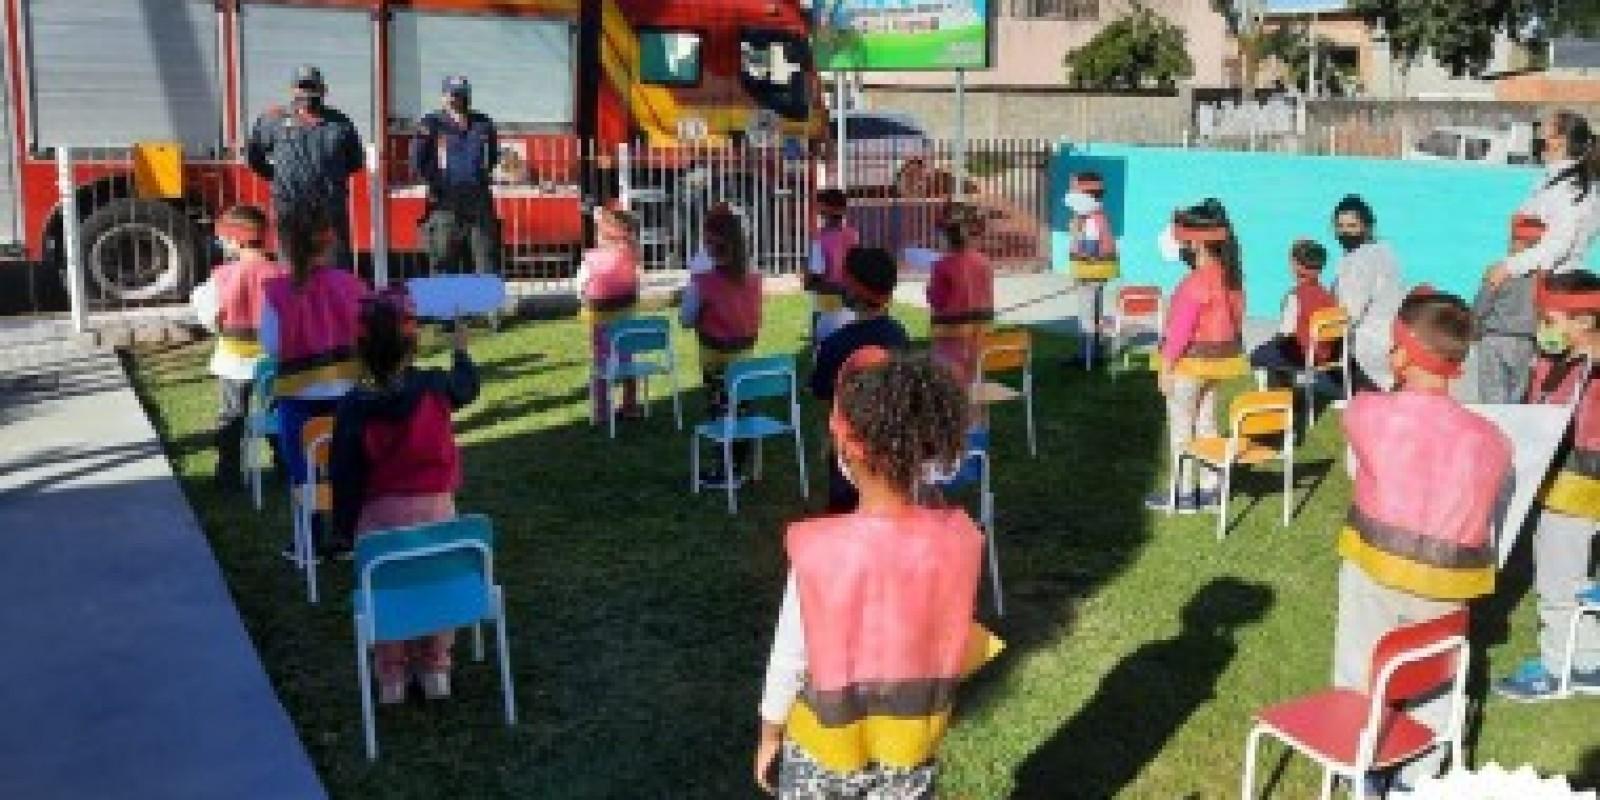 Bombeiros recebem homenagem de crianças